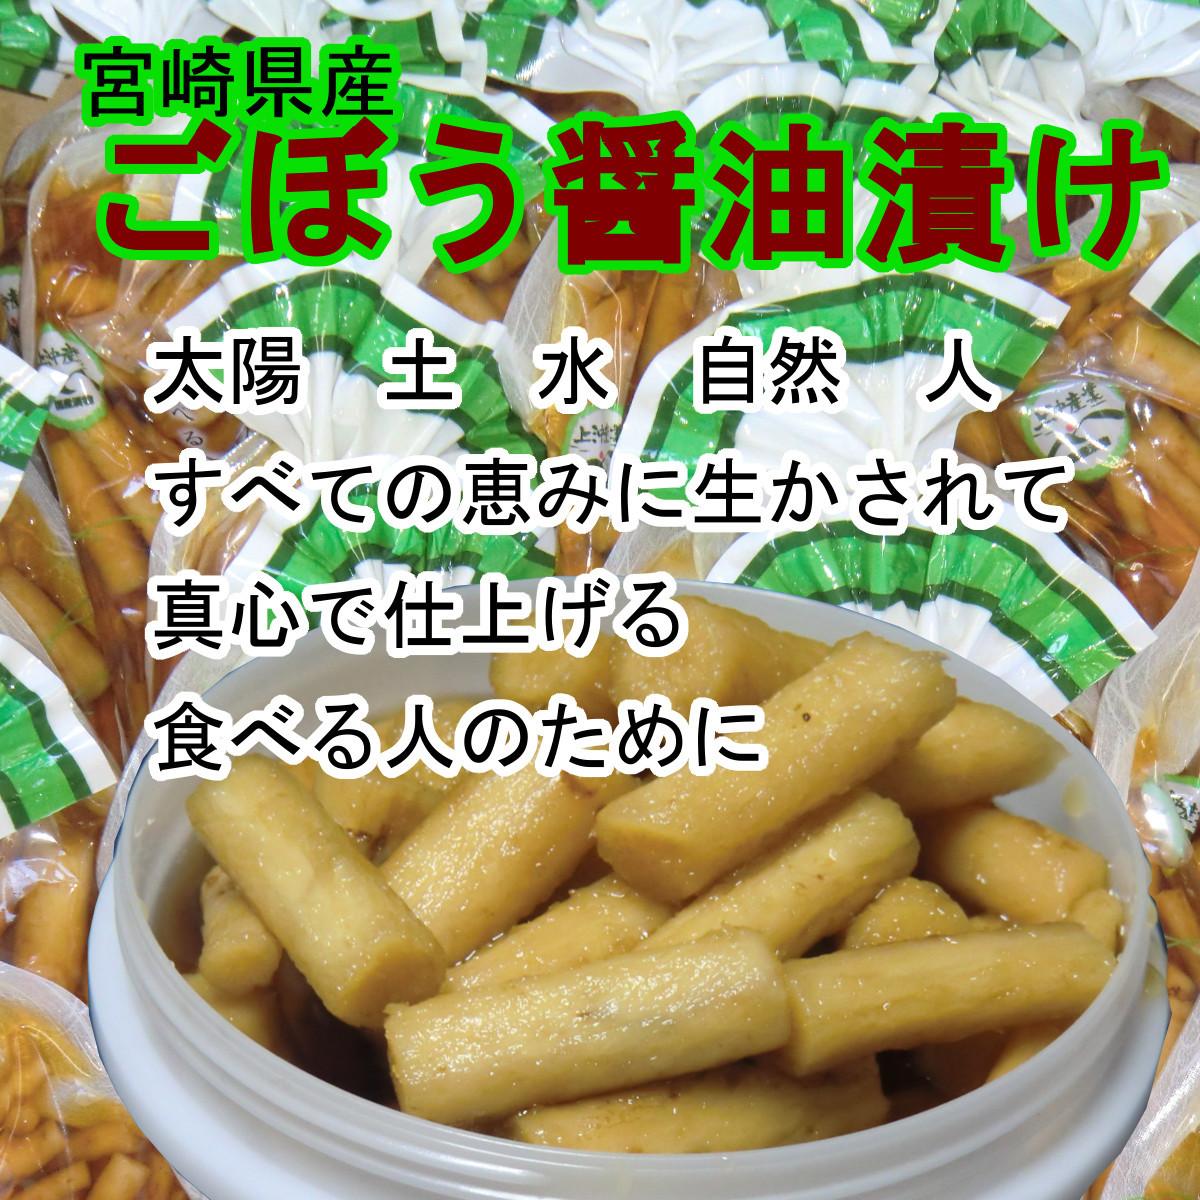 ゴボウの醤油漬け」20袋 ご飯のお供 宮崎県産ゴボウの漬物 おかず おつまみ お茶うけ 色んな料理の付合わせに 食べてスッキリ 送料無料 _画像4